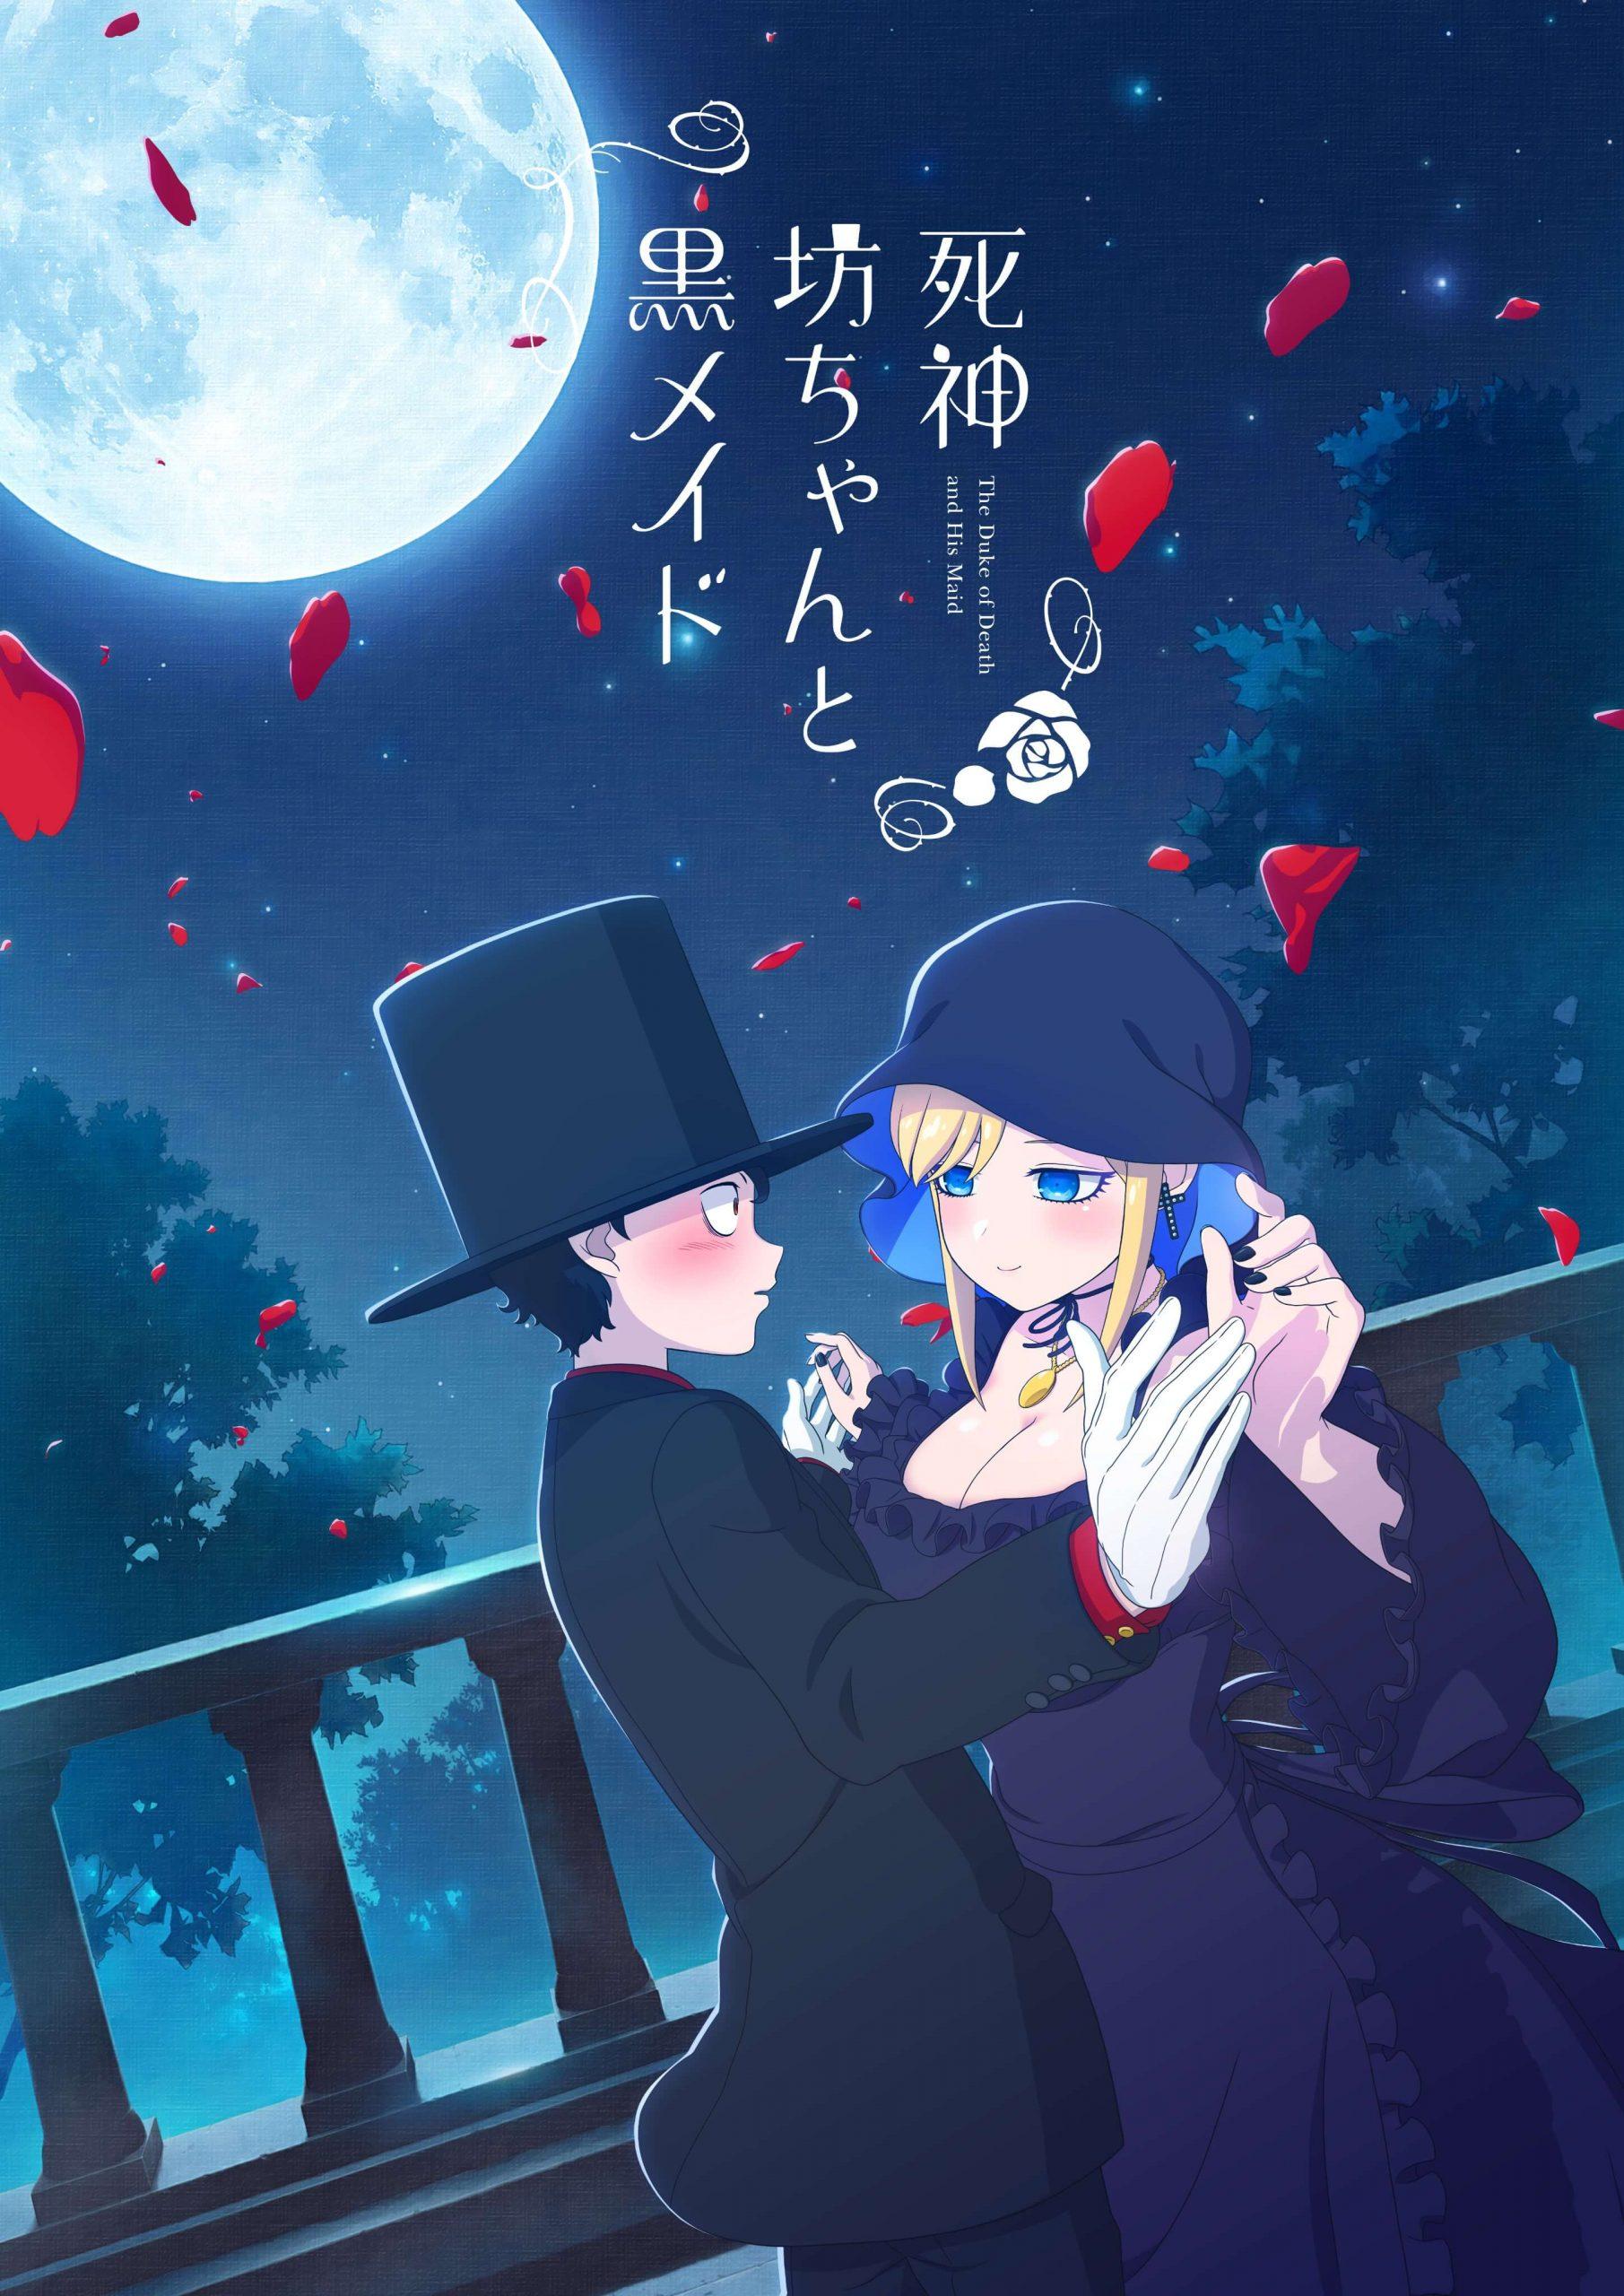 Shinigami Bocchan adaptación anime imagen promocional